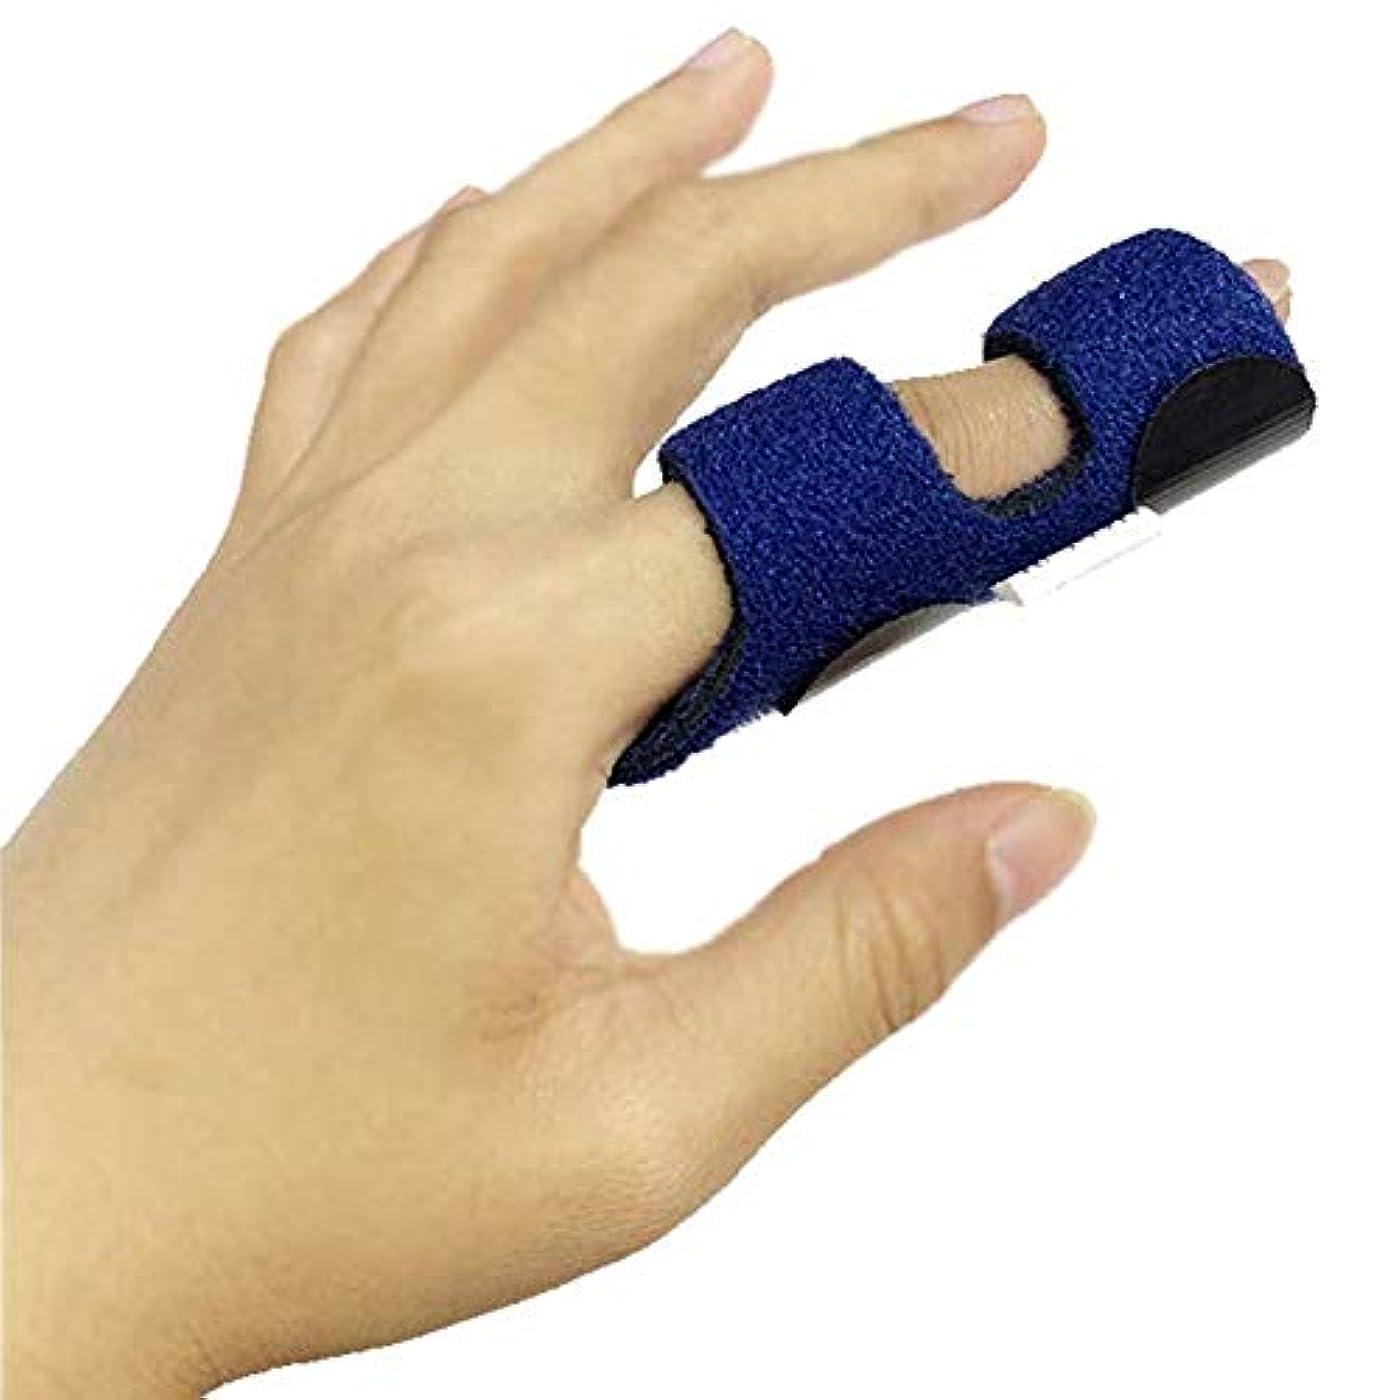 委員会法令負関節炎アルミ捻挫関節の痛みを軽減するナックル固定化ラップ骨折腱のためのばね指スプリント